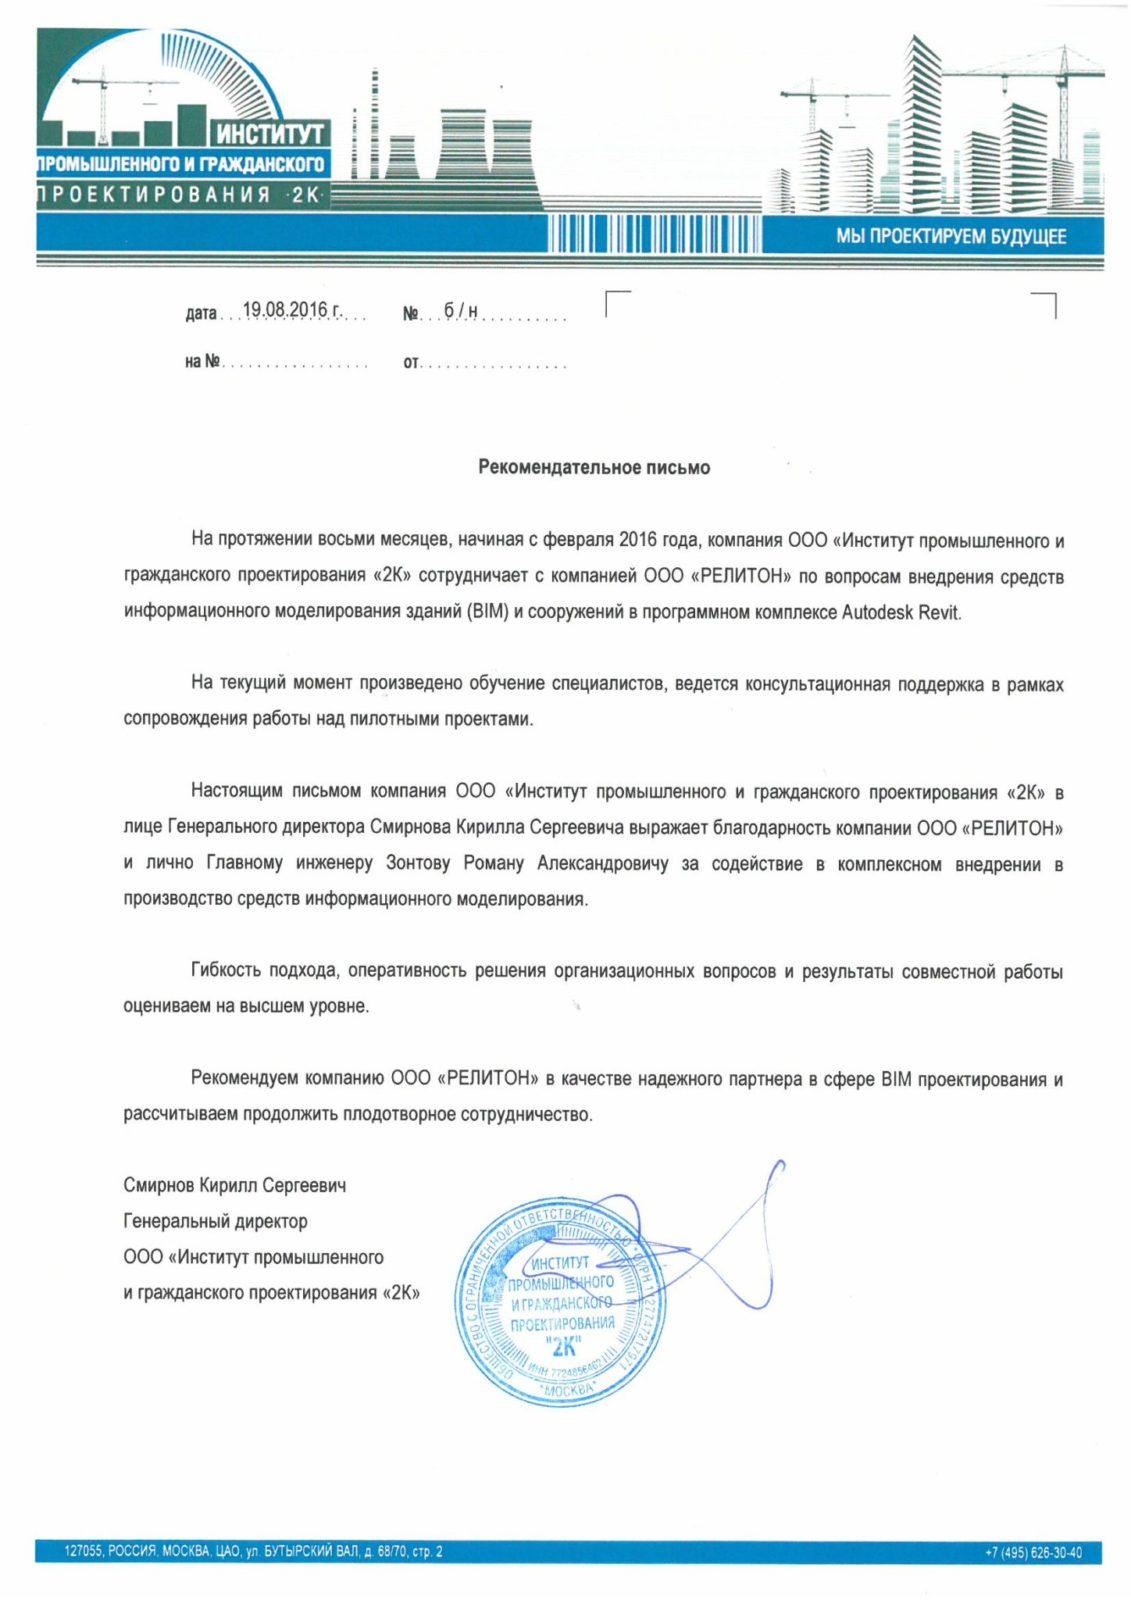 Otzyv-o-sotrudnichestve-s-kompaniej-reliton-ot-kompanii-OOO-Institut-promyshlennogo-i-grazhdanskogo-proektirovaniya-2K.jpg